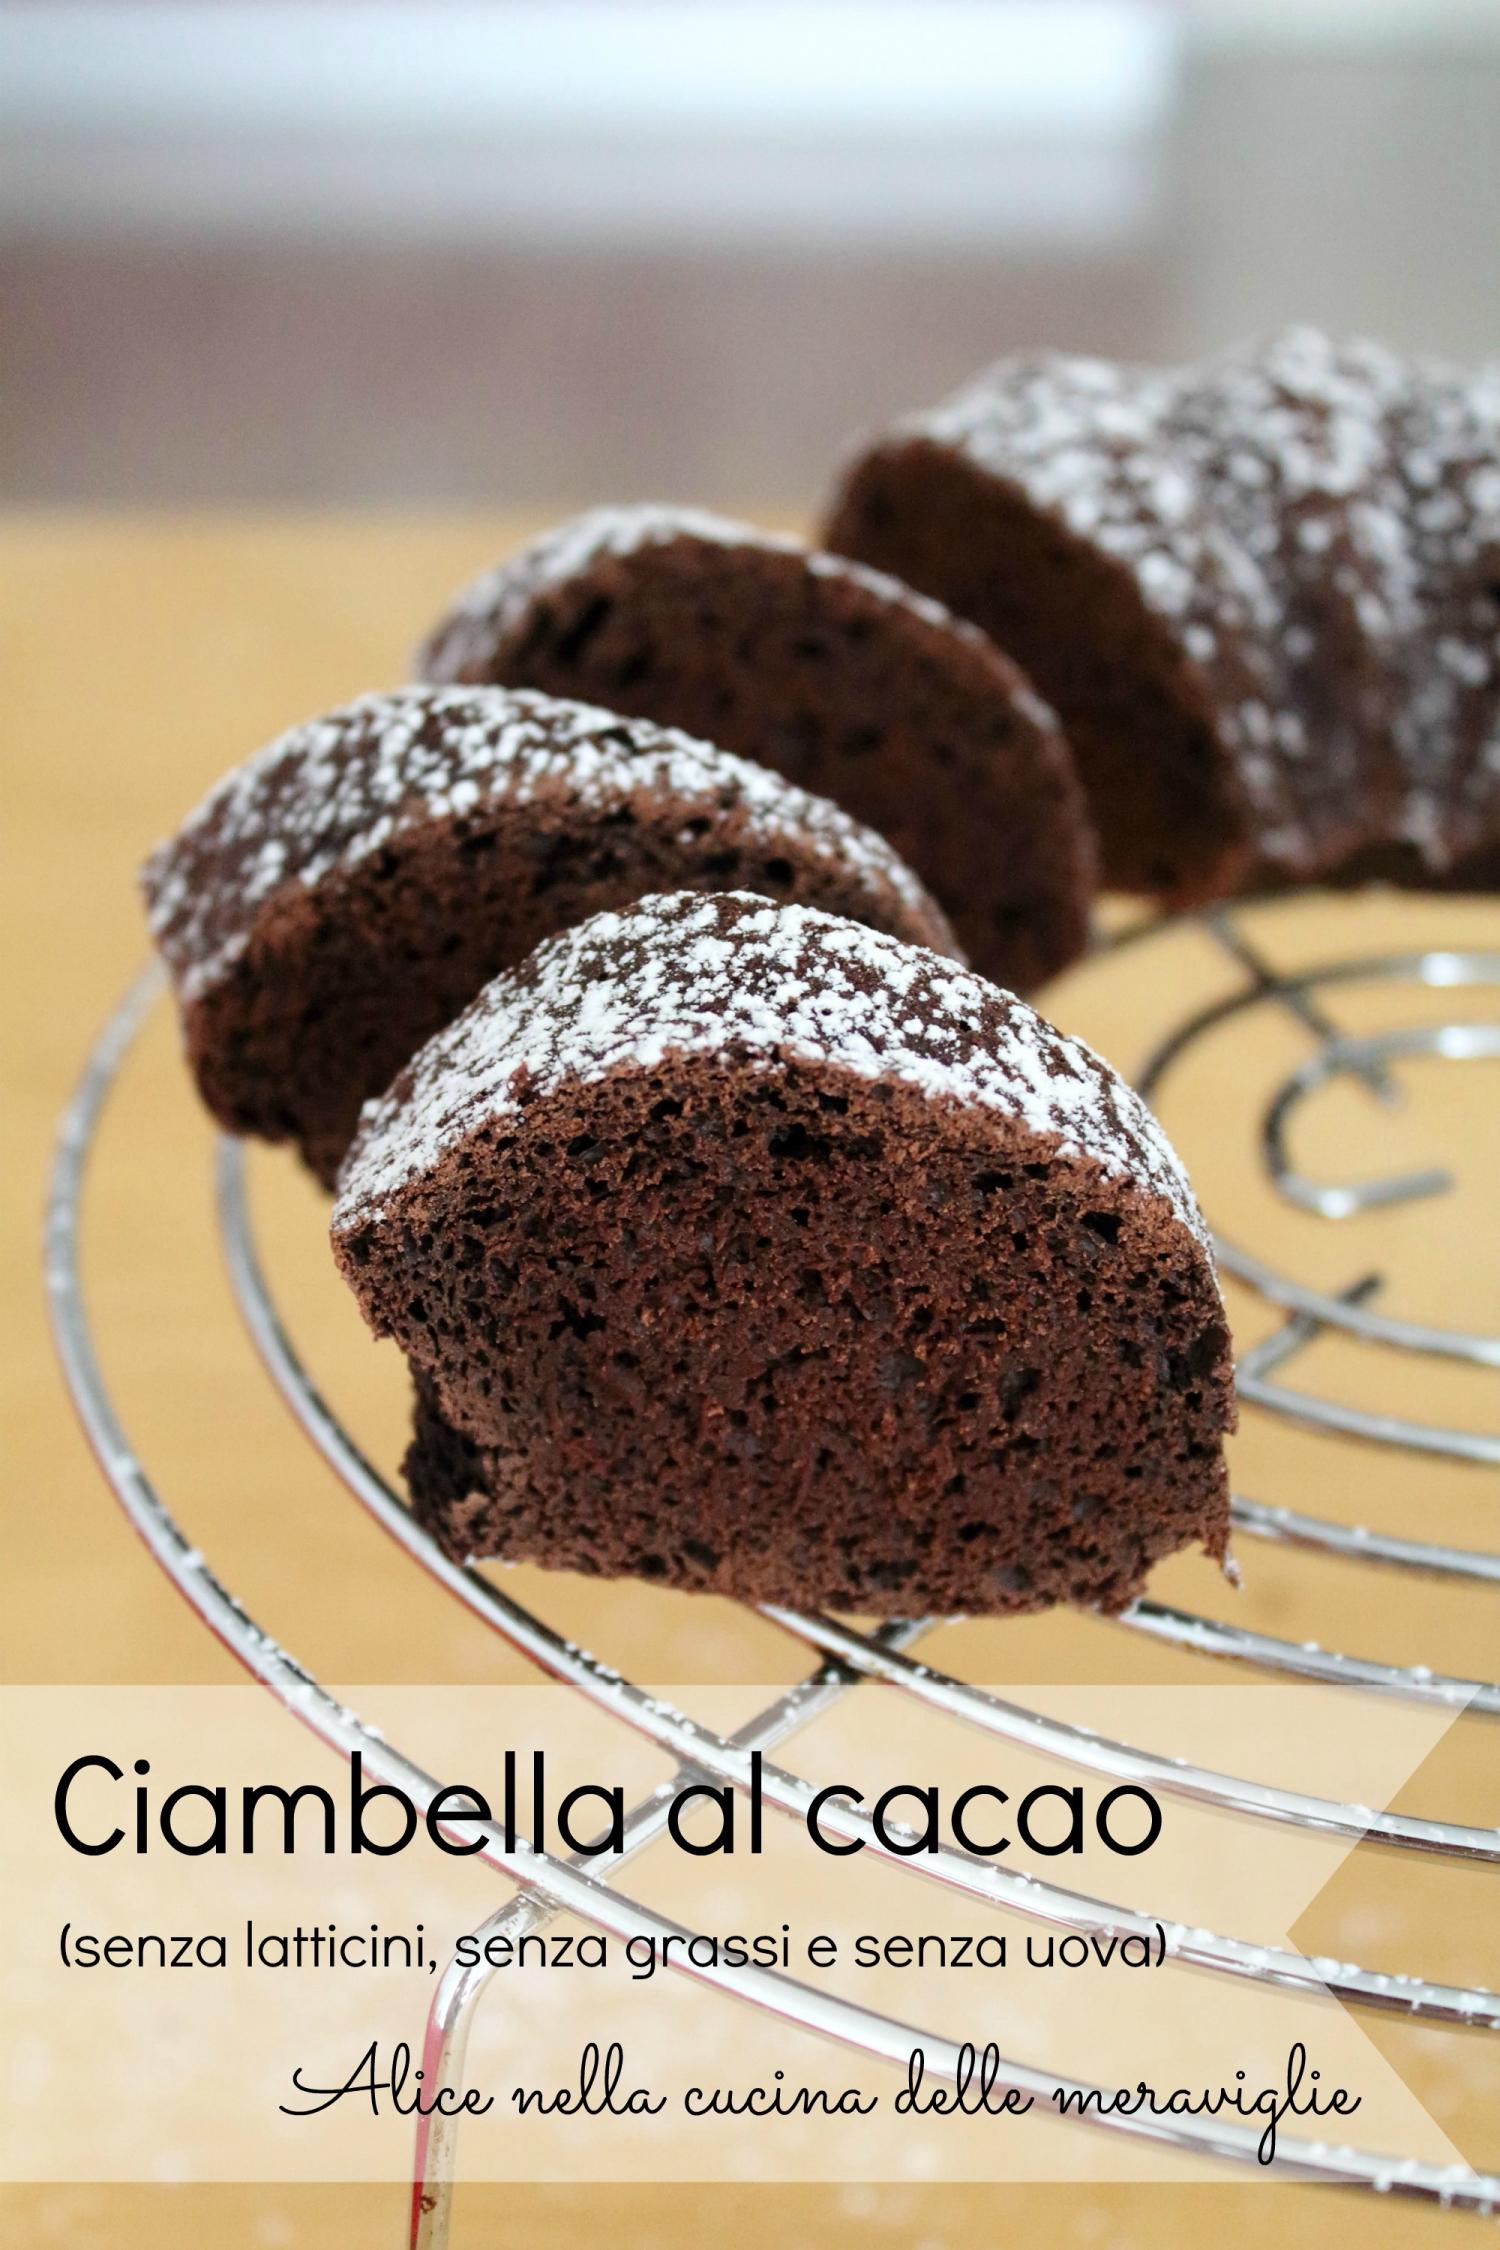 Ciambella al cacao Ricetta dolce vegano senza latticini senza grassi e senza uova Alice nella cucina delle meraviglie